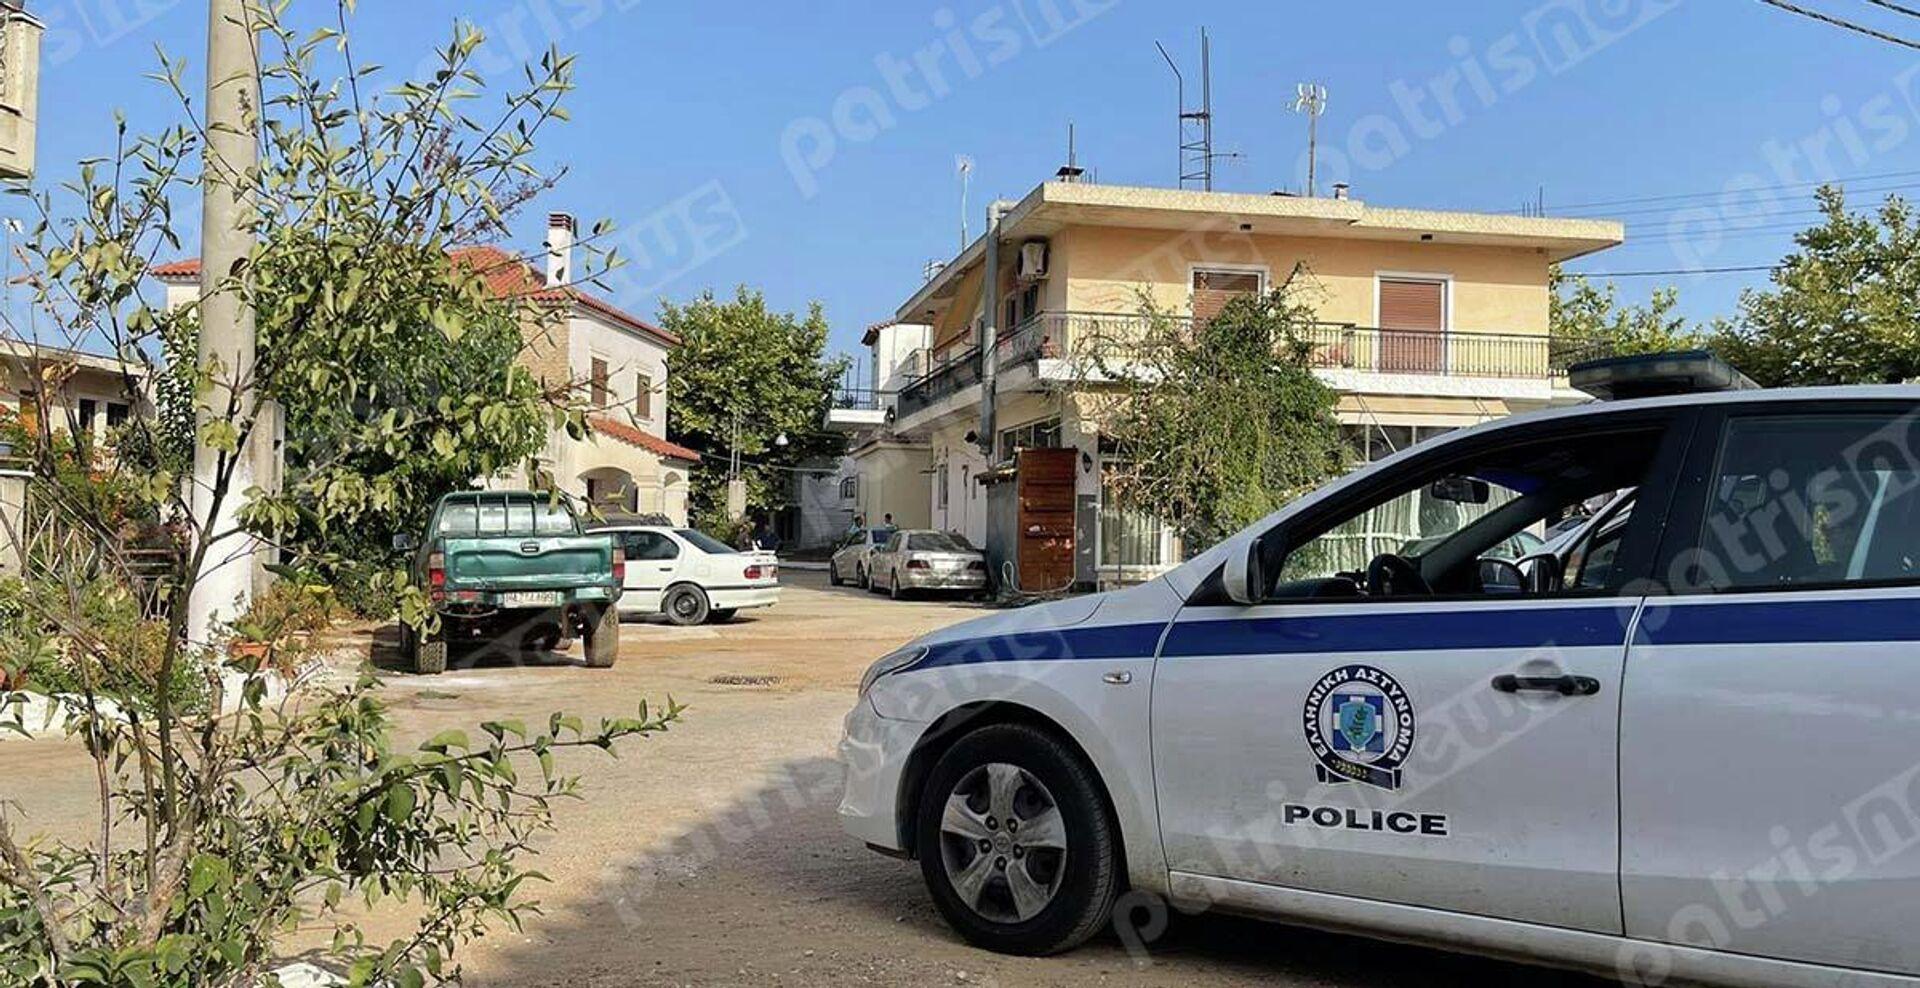 Δολοφονία 59χρονου στην Ηλεία - Sputnik Ελλάδα, 1920, 27.07.2021